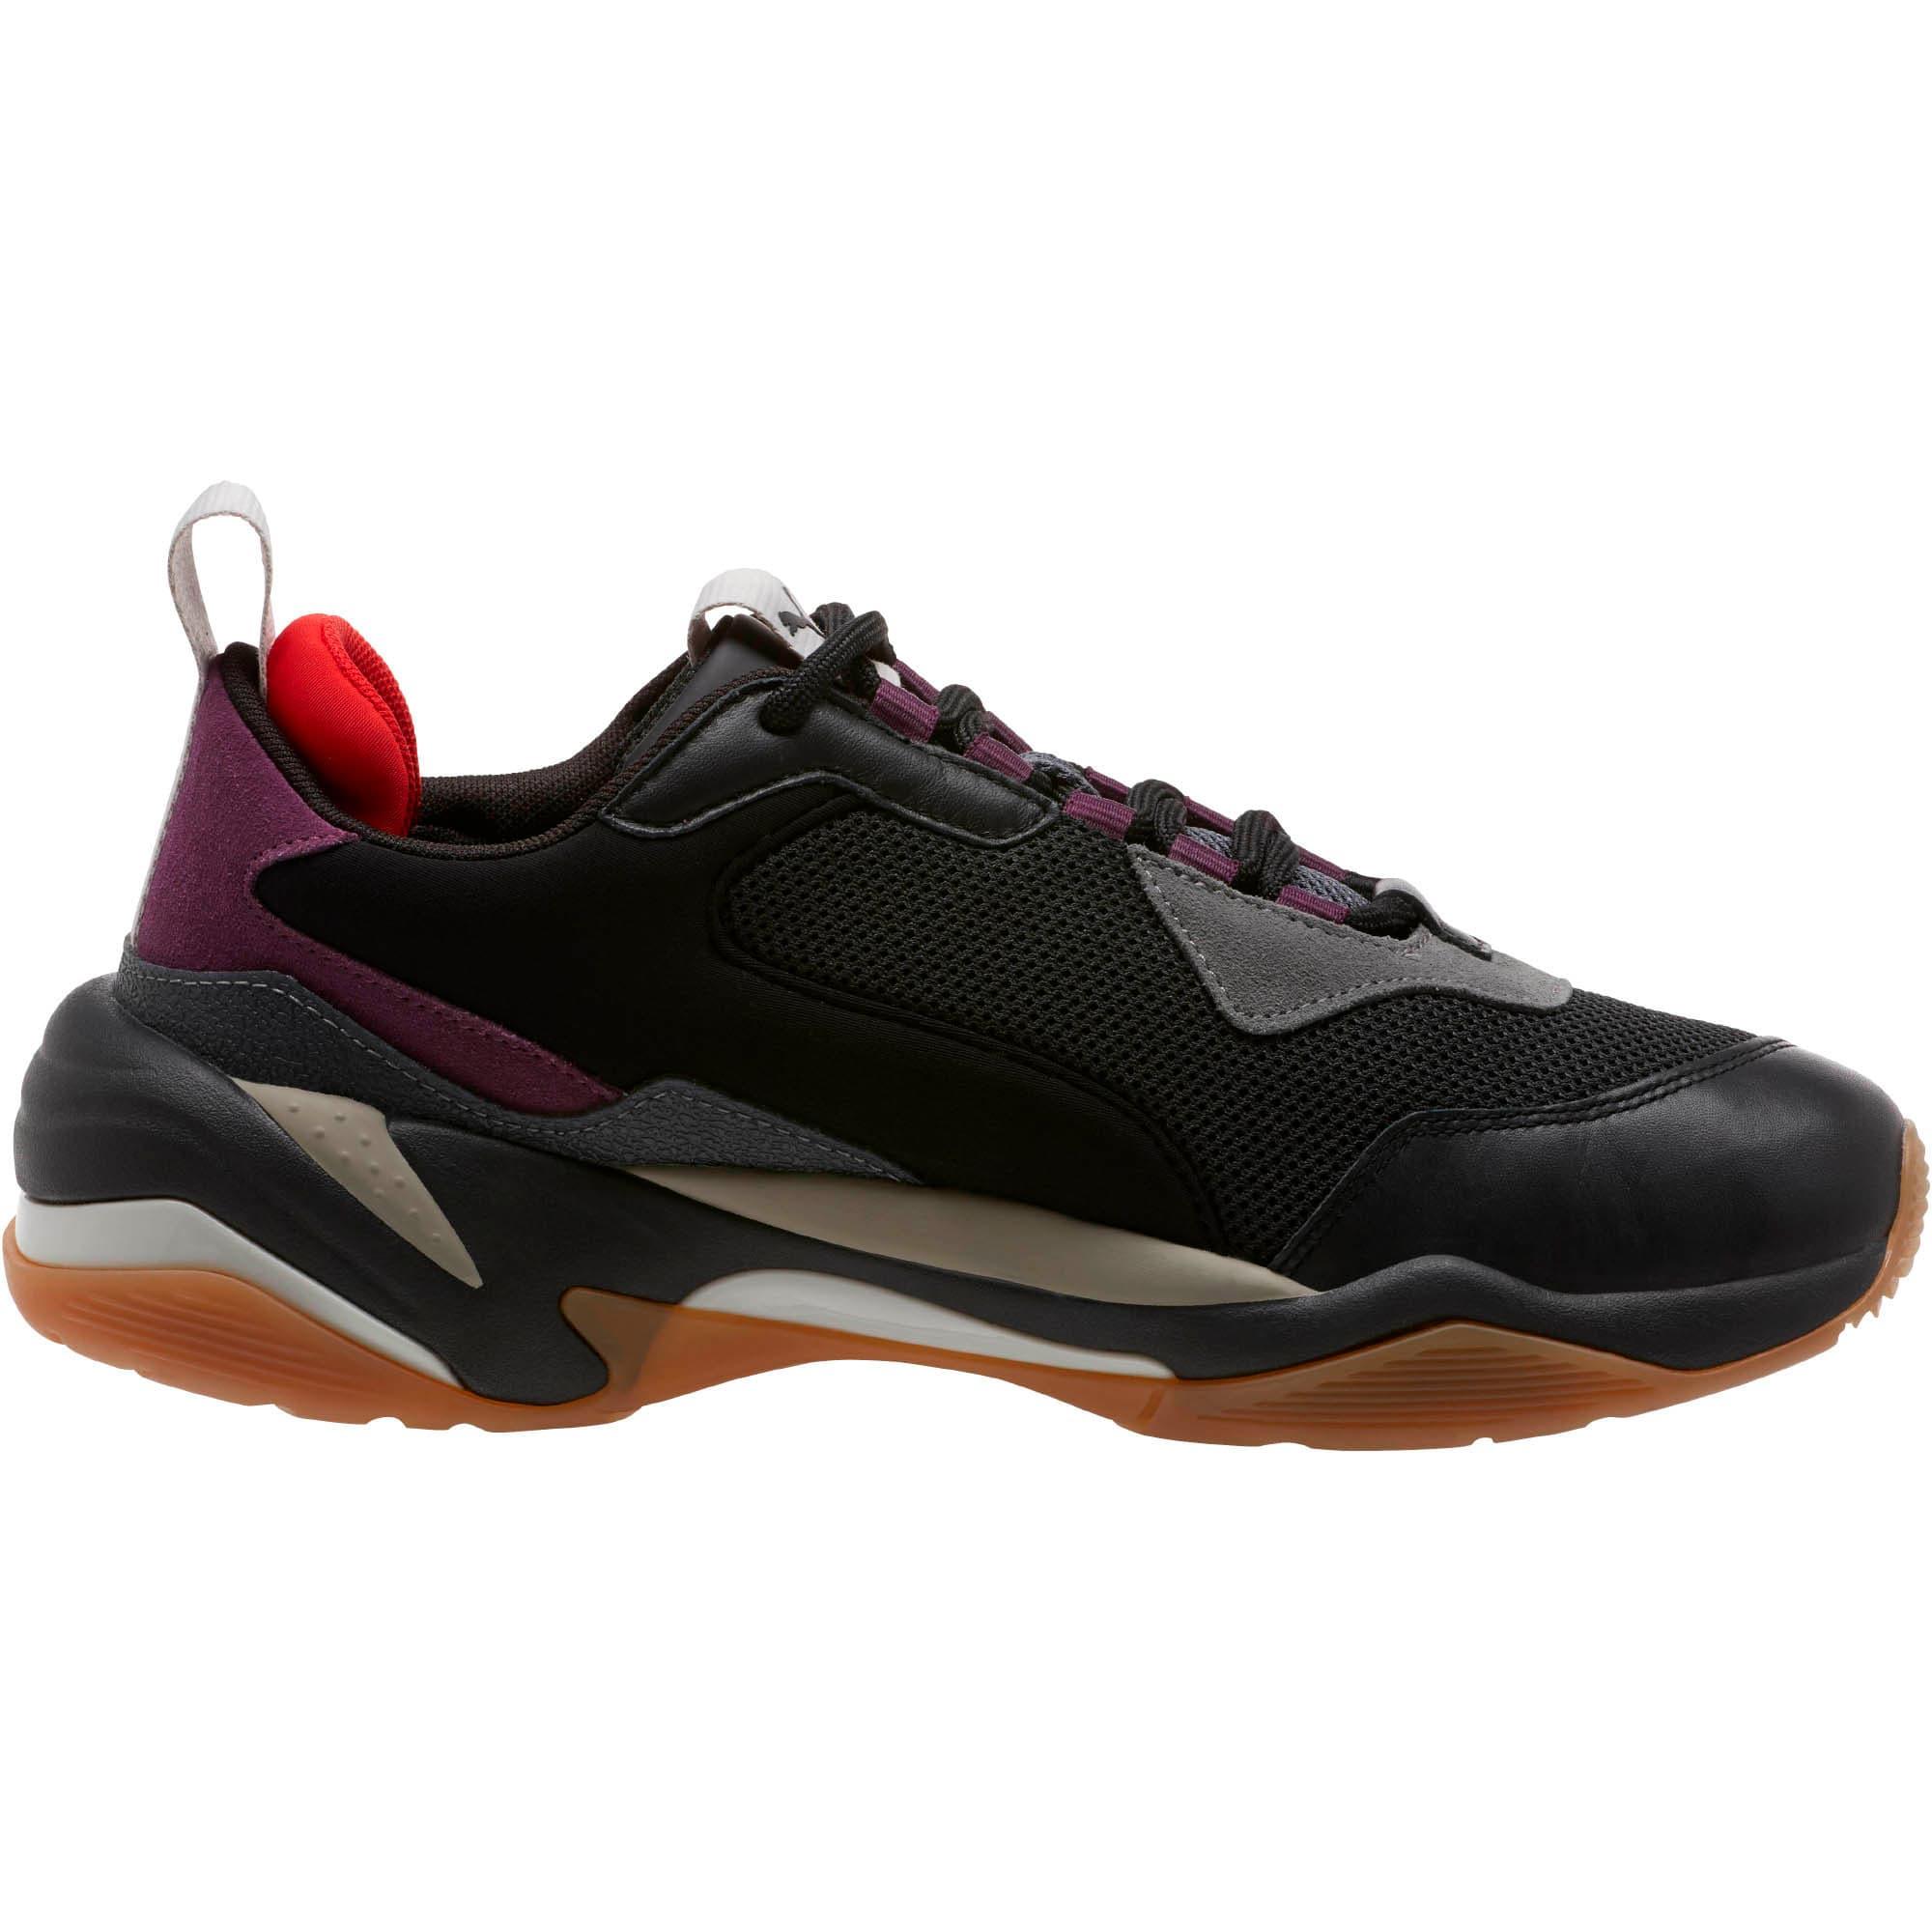 Miniatura 3 de Zapatos deportivosThunder Spectrapara hombre, Puma Black, mediano